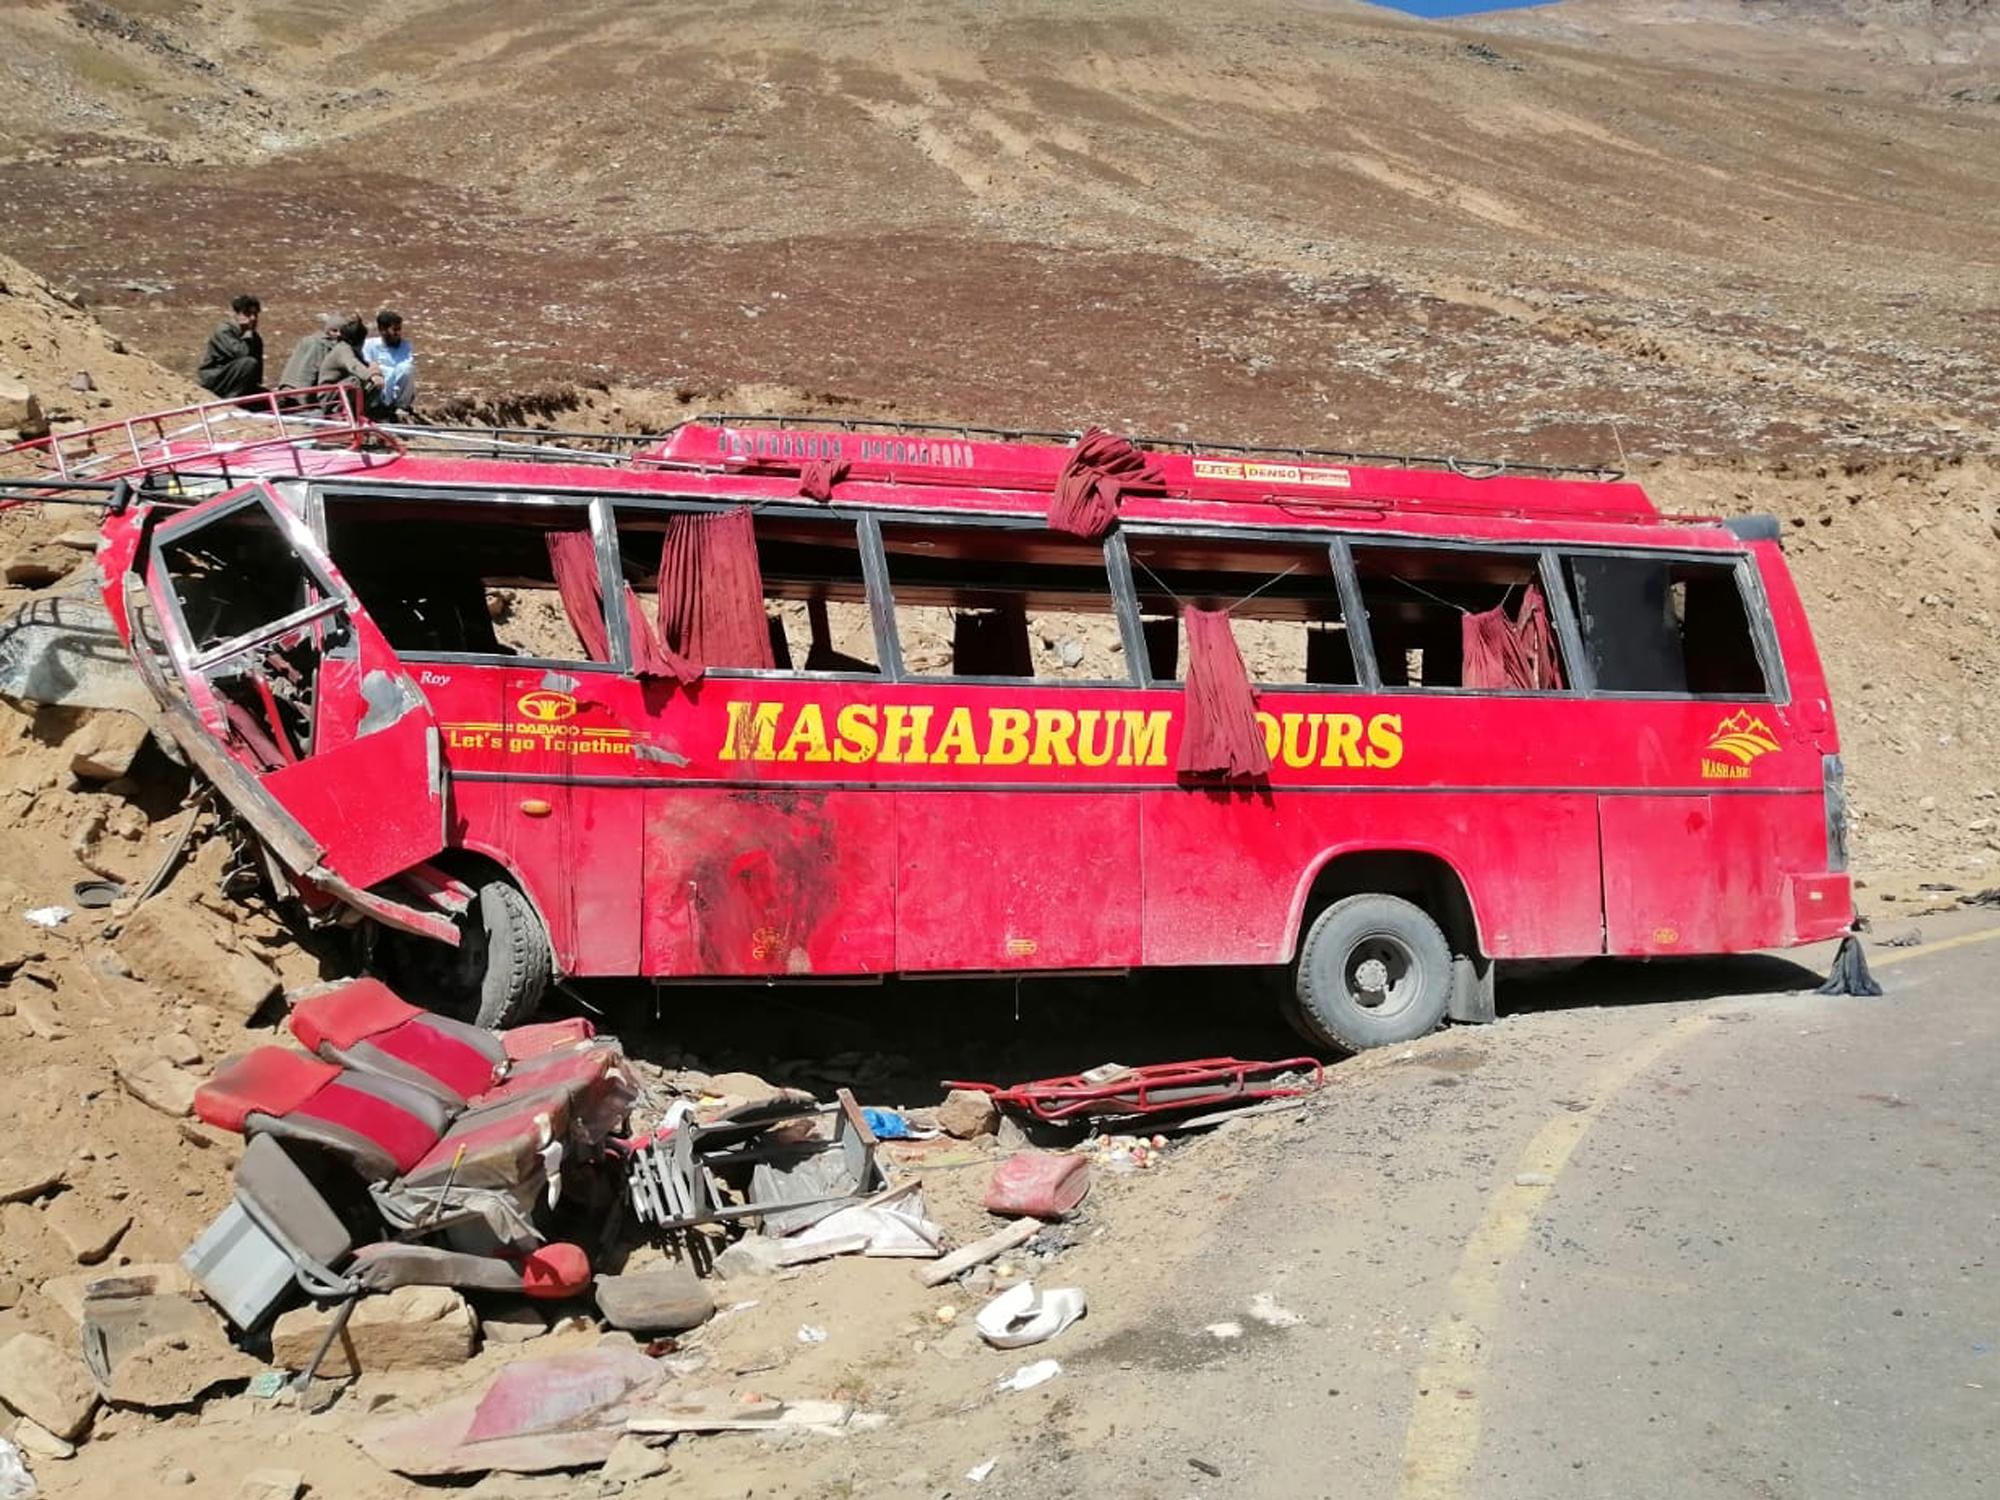 巴基斯坦北部发生严重车祸致26人死亡